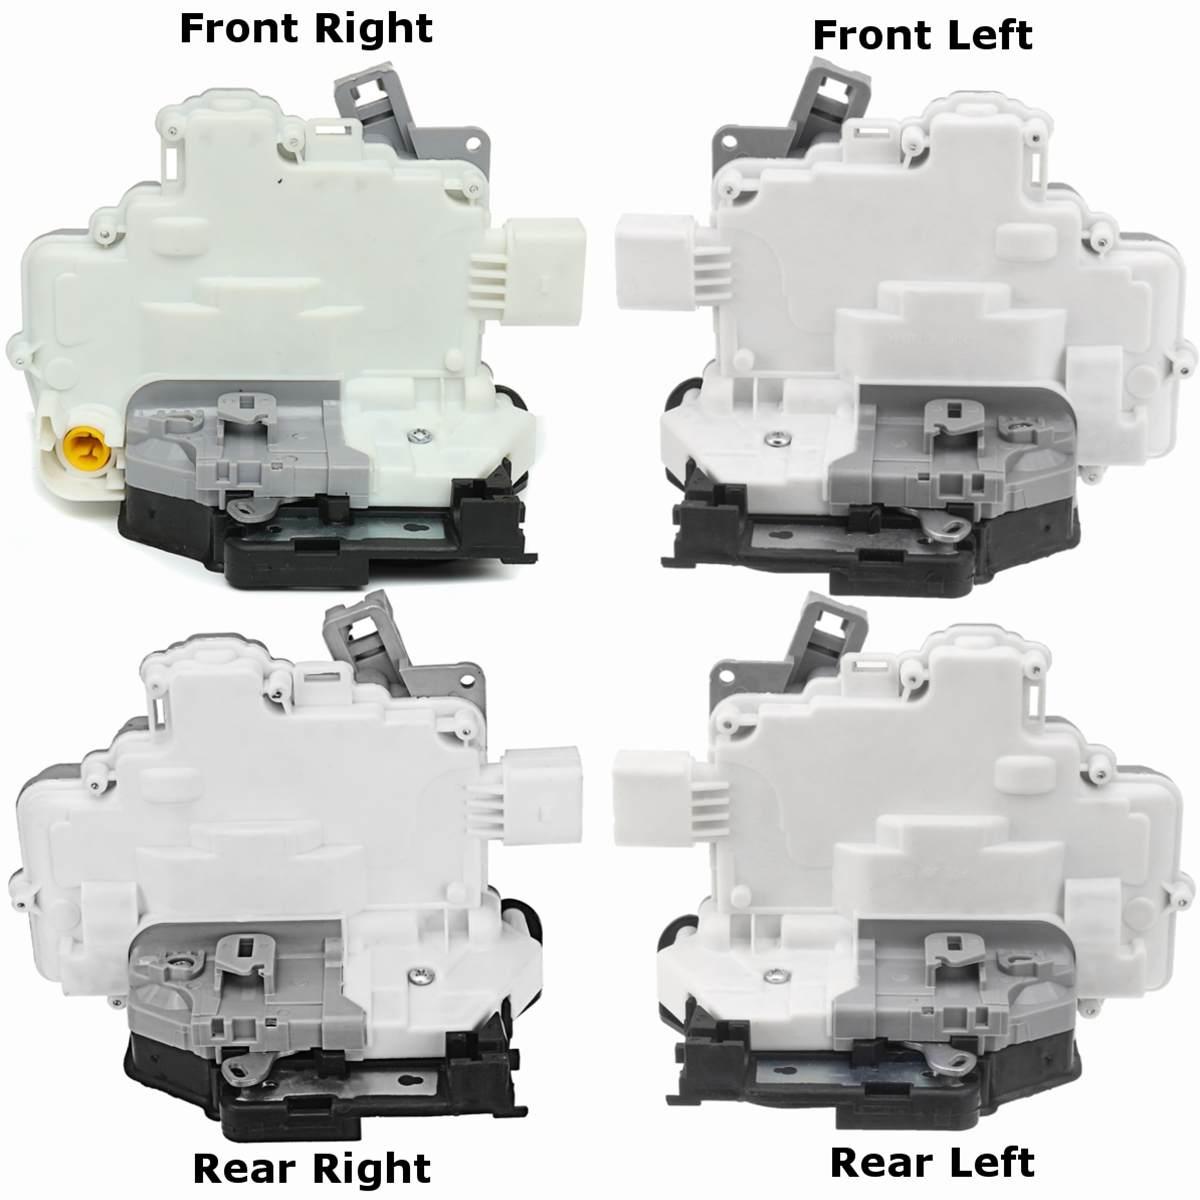 Actionneur de serrure de porte pour Vw pour Audi q3 q5 q7 A4 A5 TT b6 pour Skoda superbe Seat Ibiza gauche droite 8K0839016 8K0839015 8J2837015A